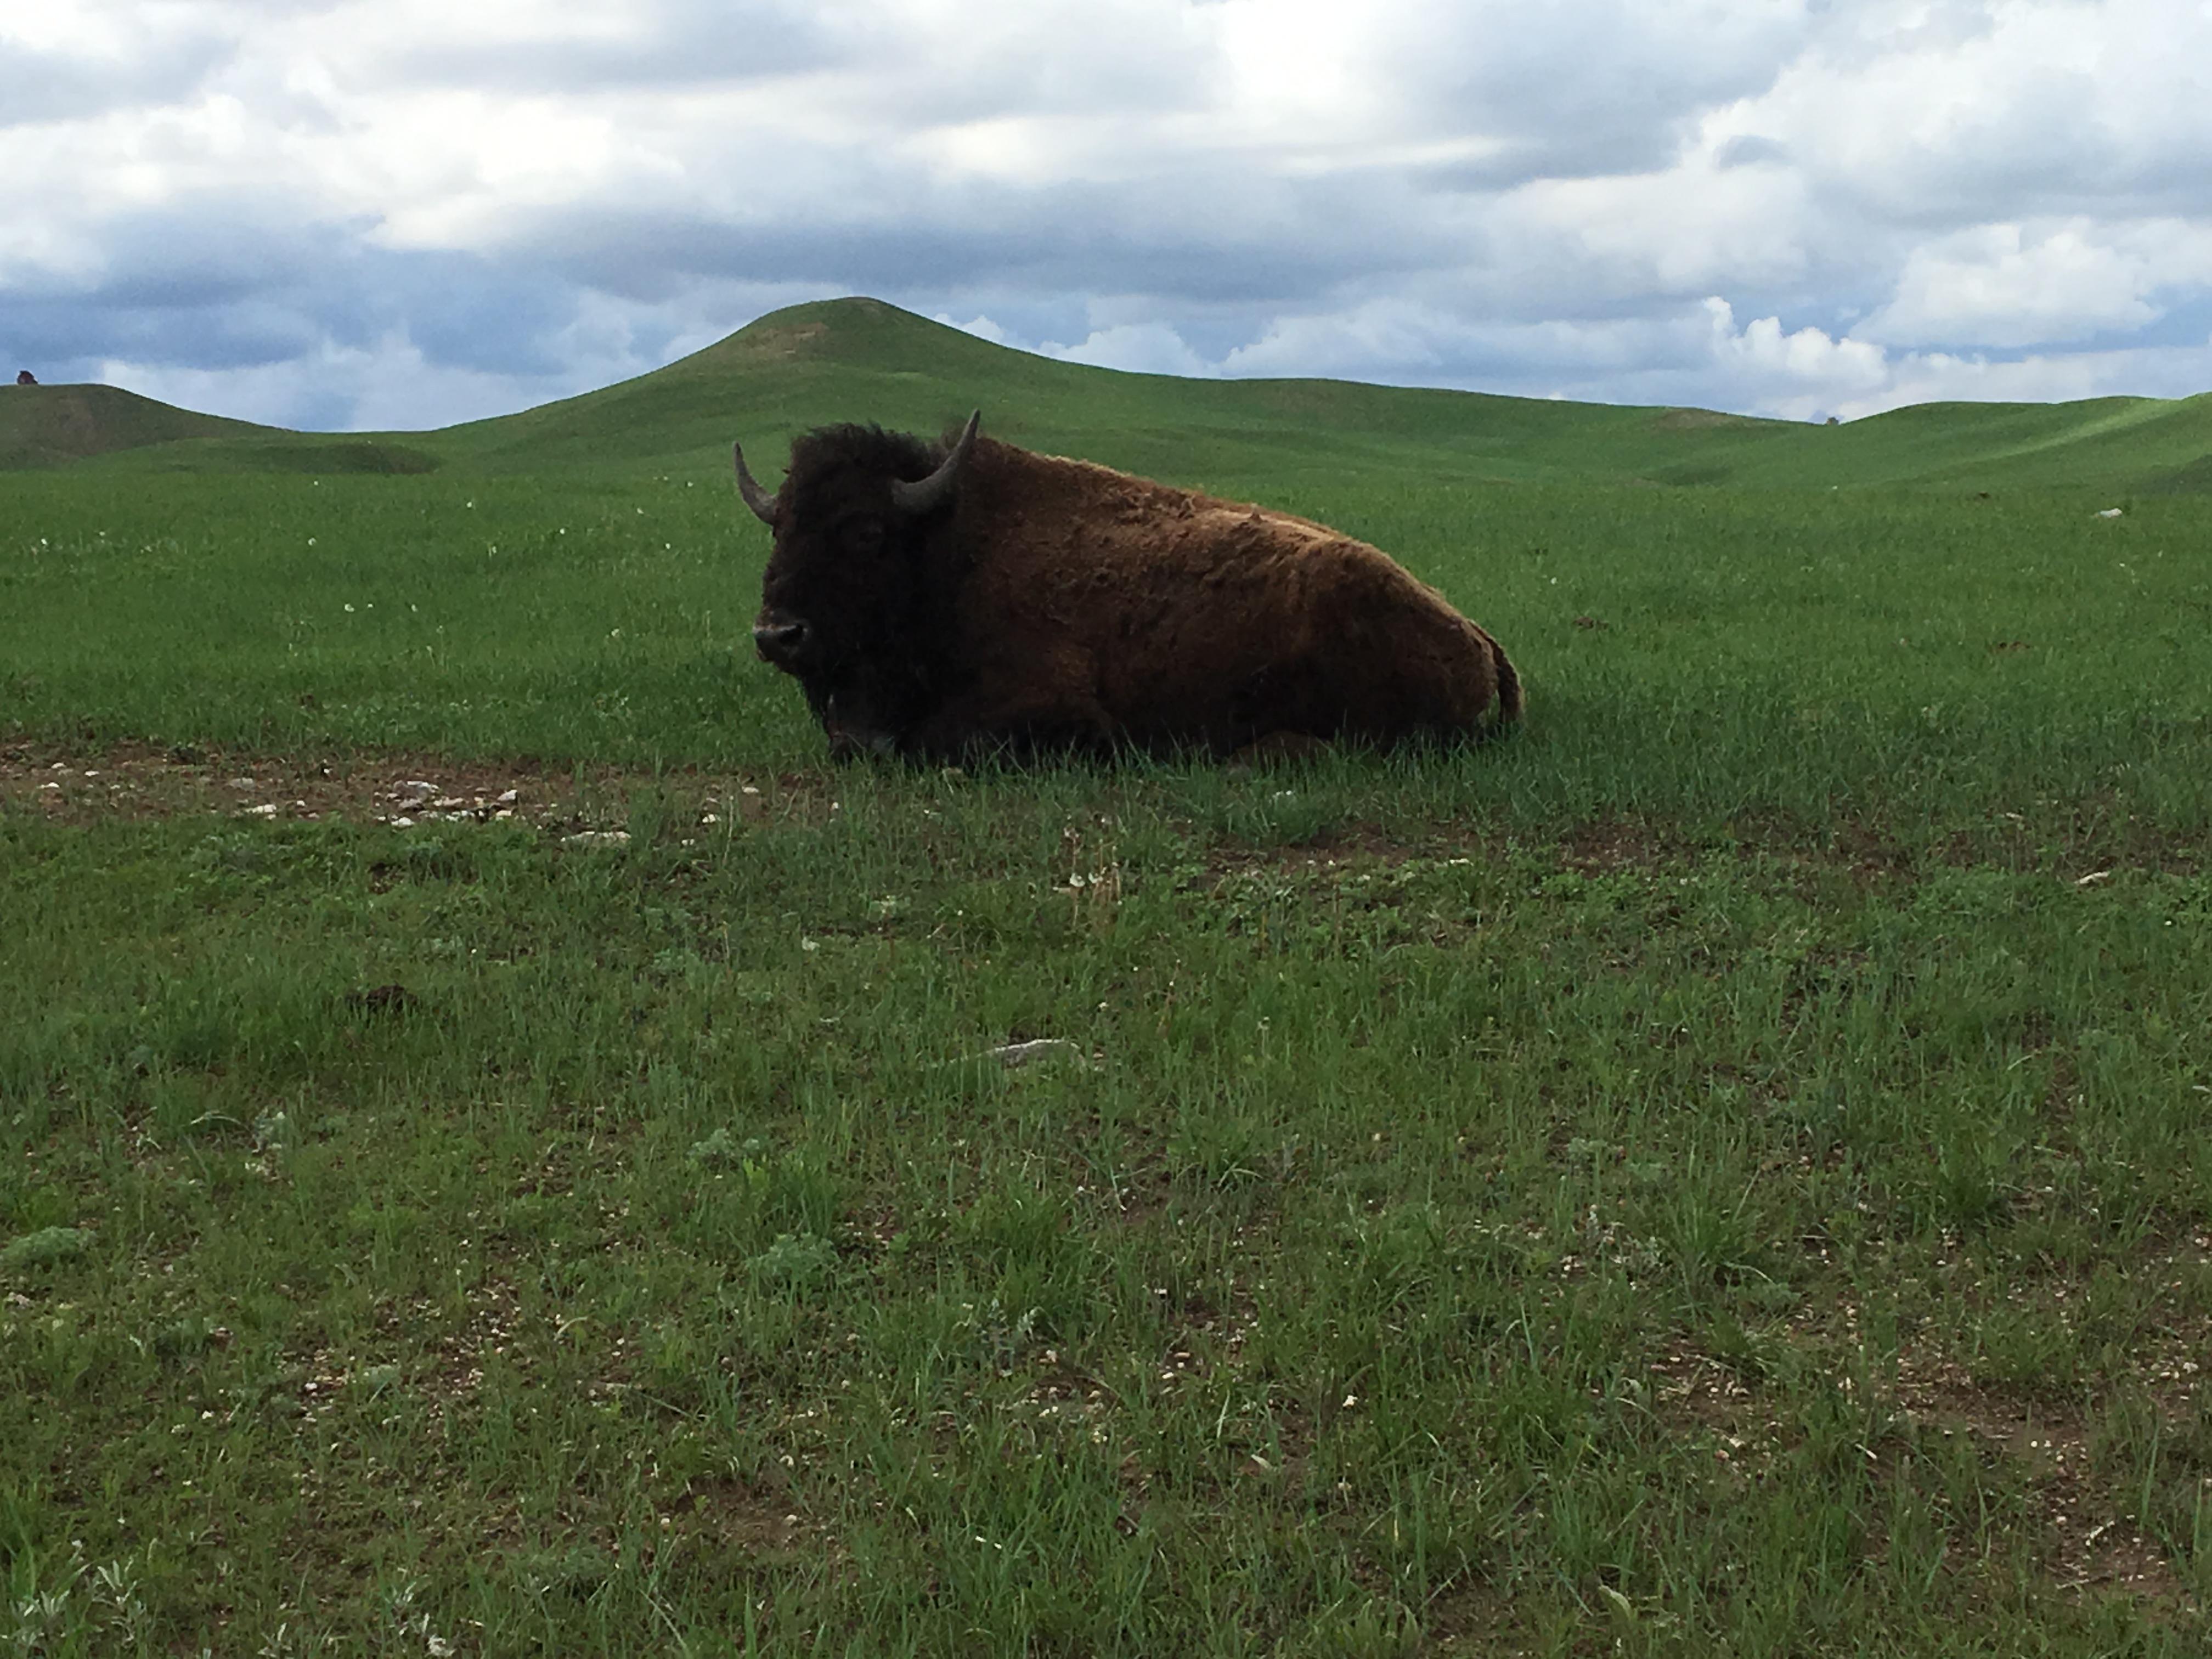 Beautiful Buffalo